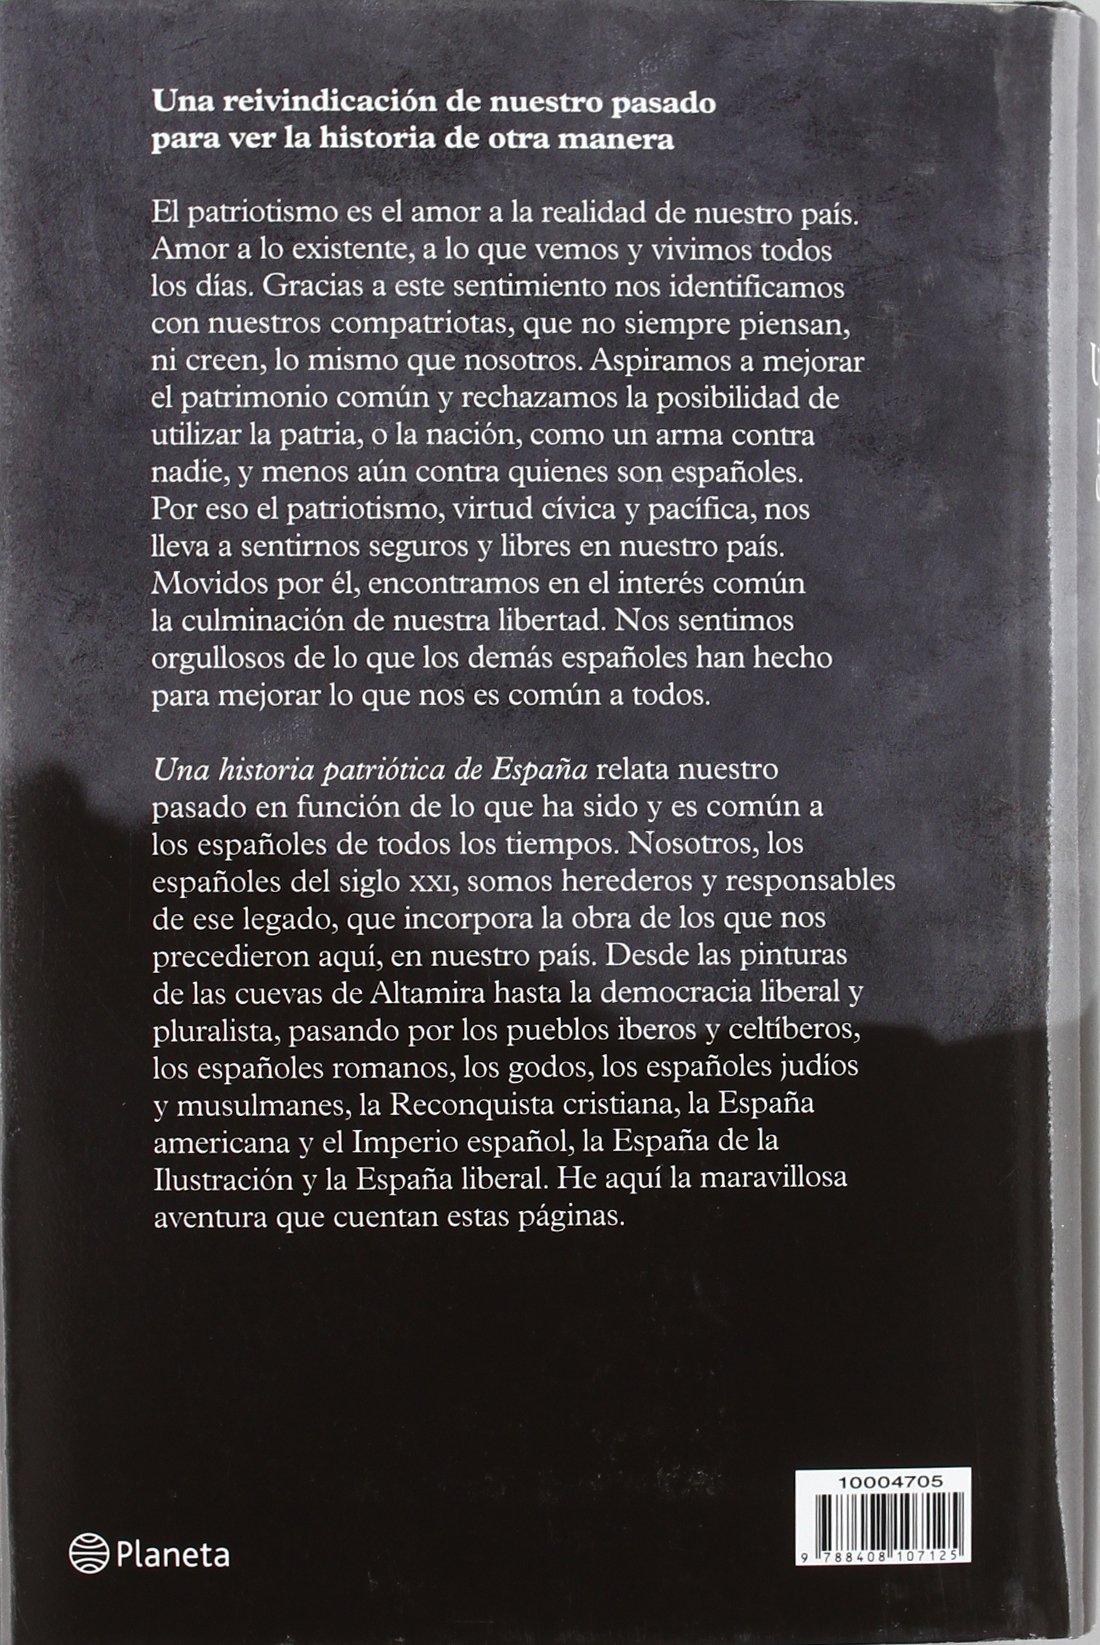 Una historia patriótica de España Fuera de colección: Amazon.es: Marco, José María: Libros